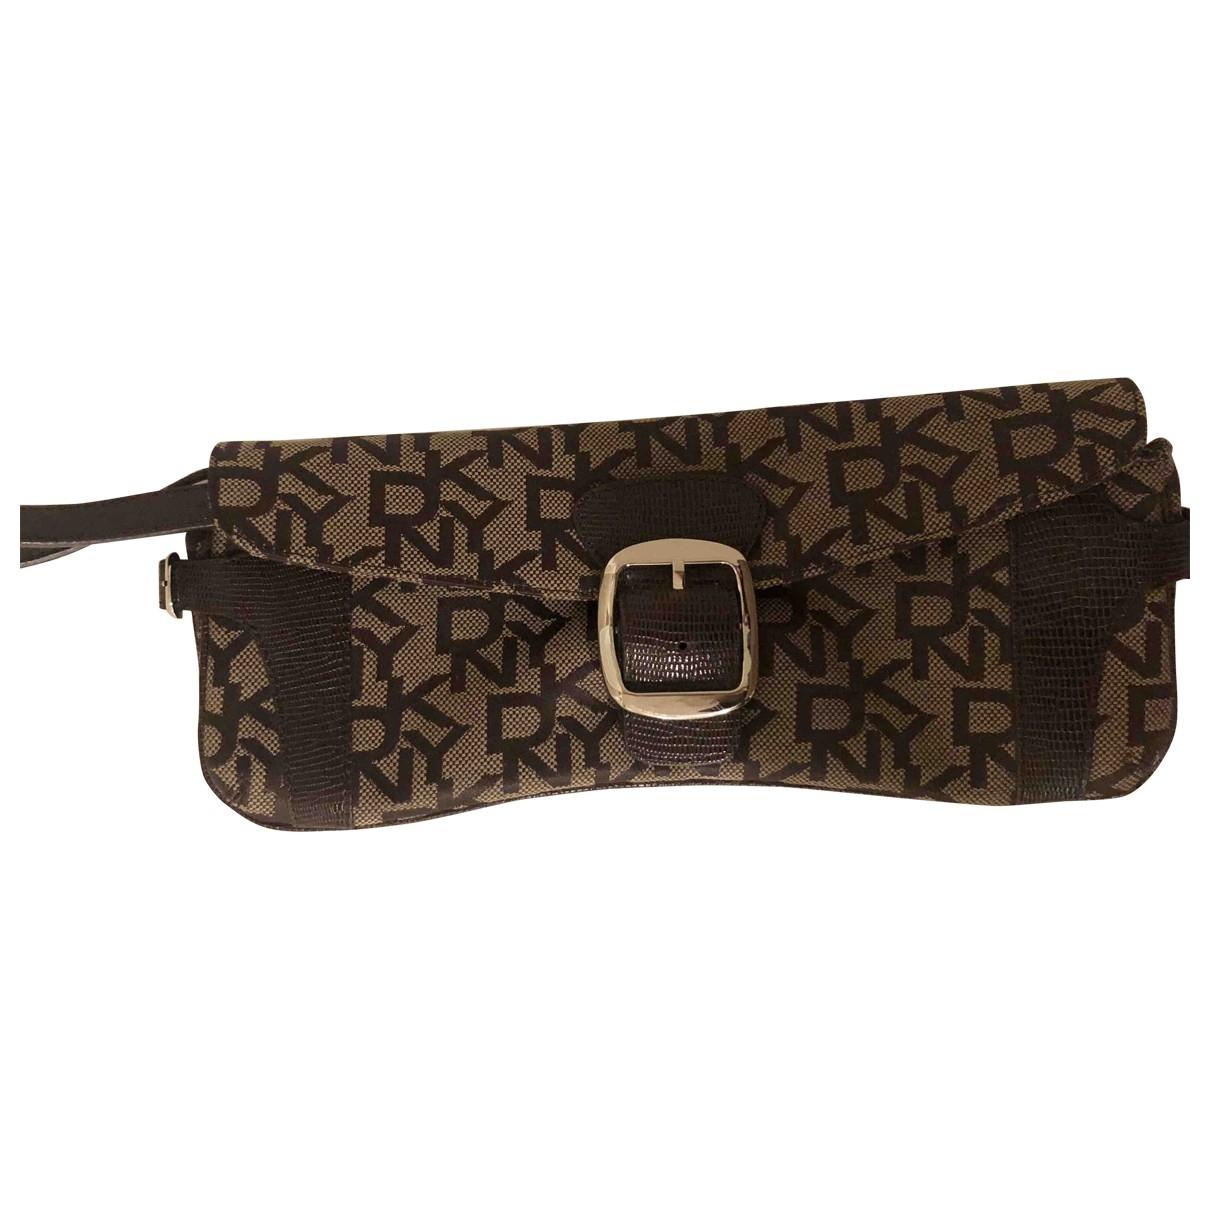 Dkny \N Black Cloth Clutch bag for Women \N